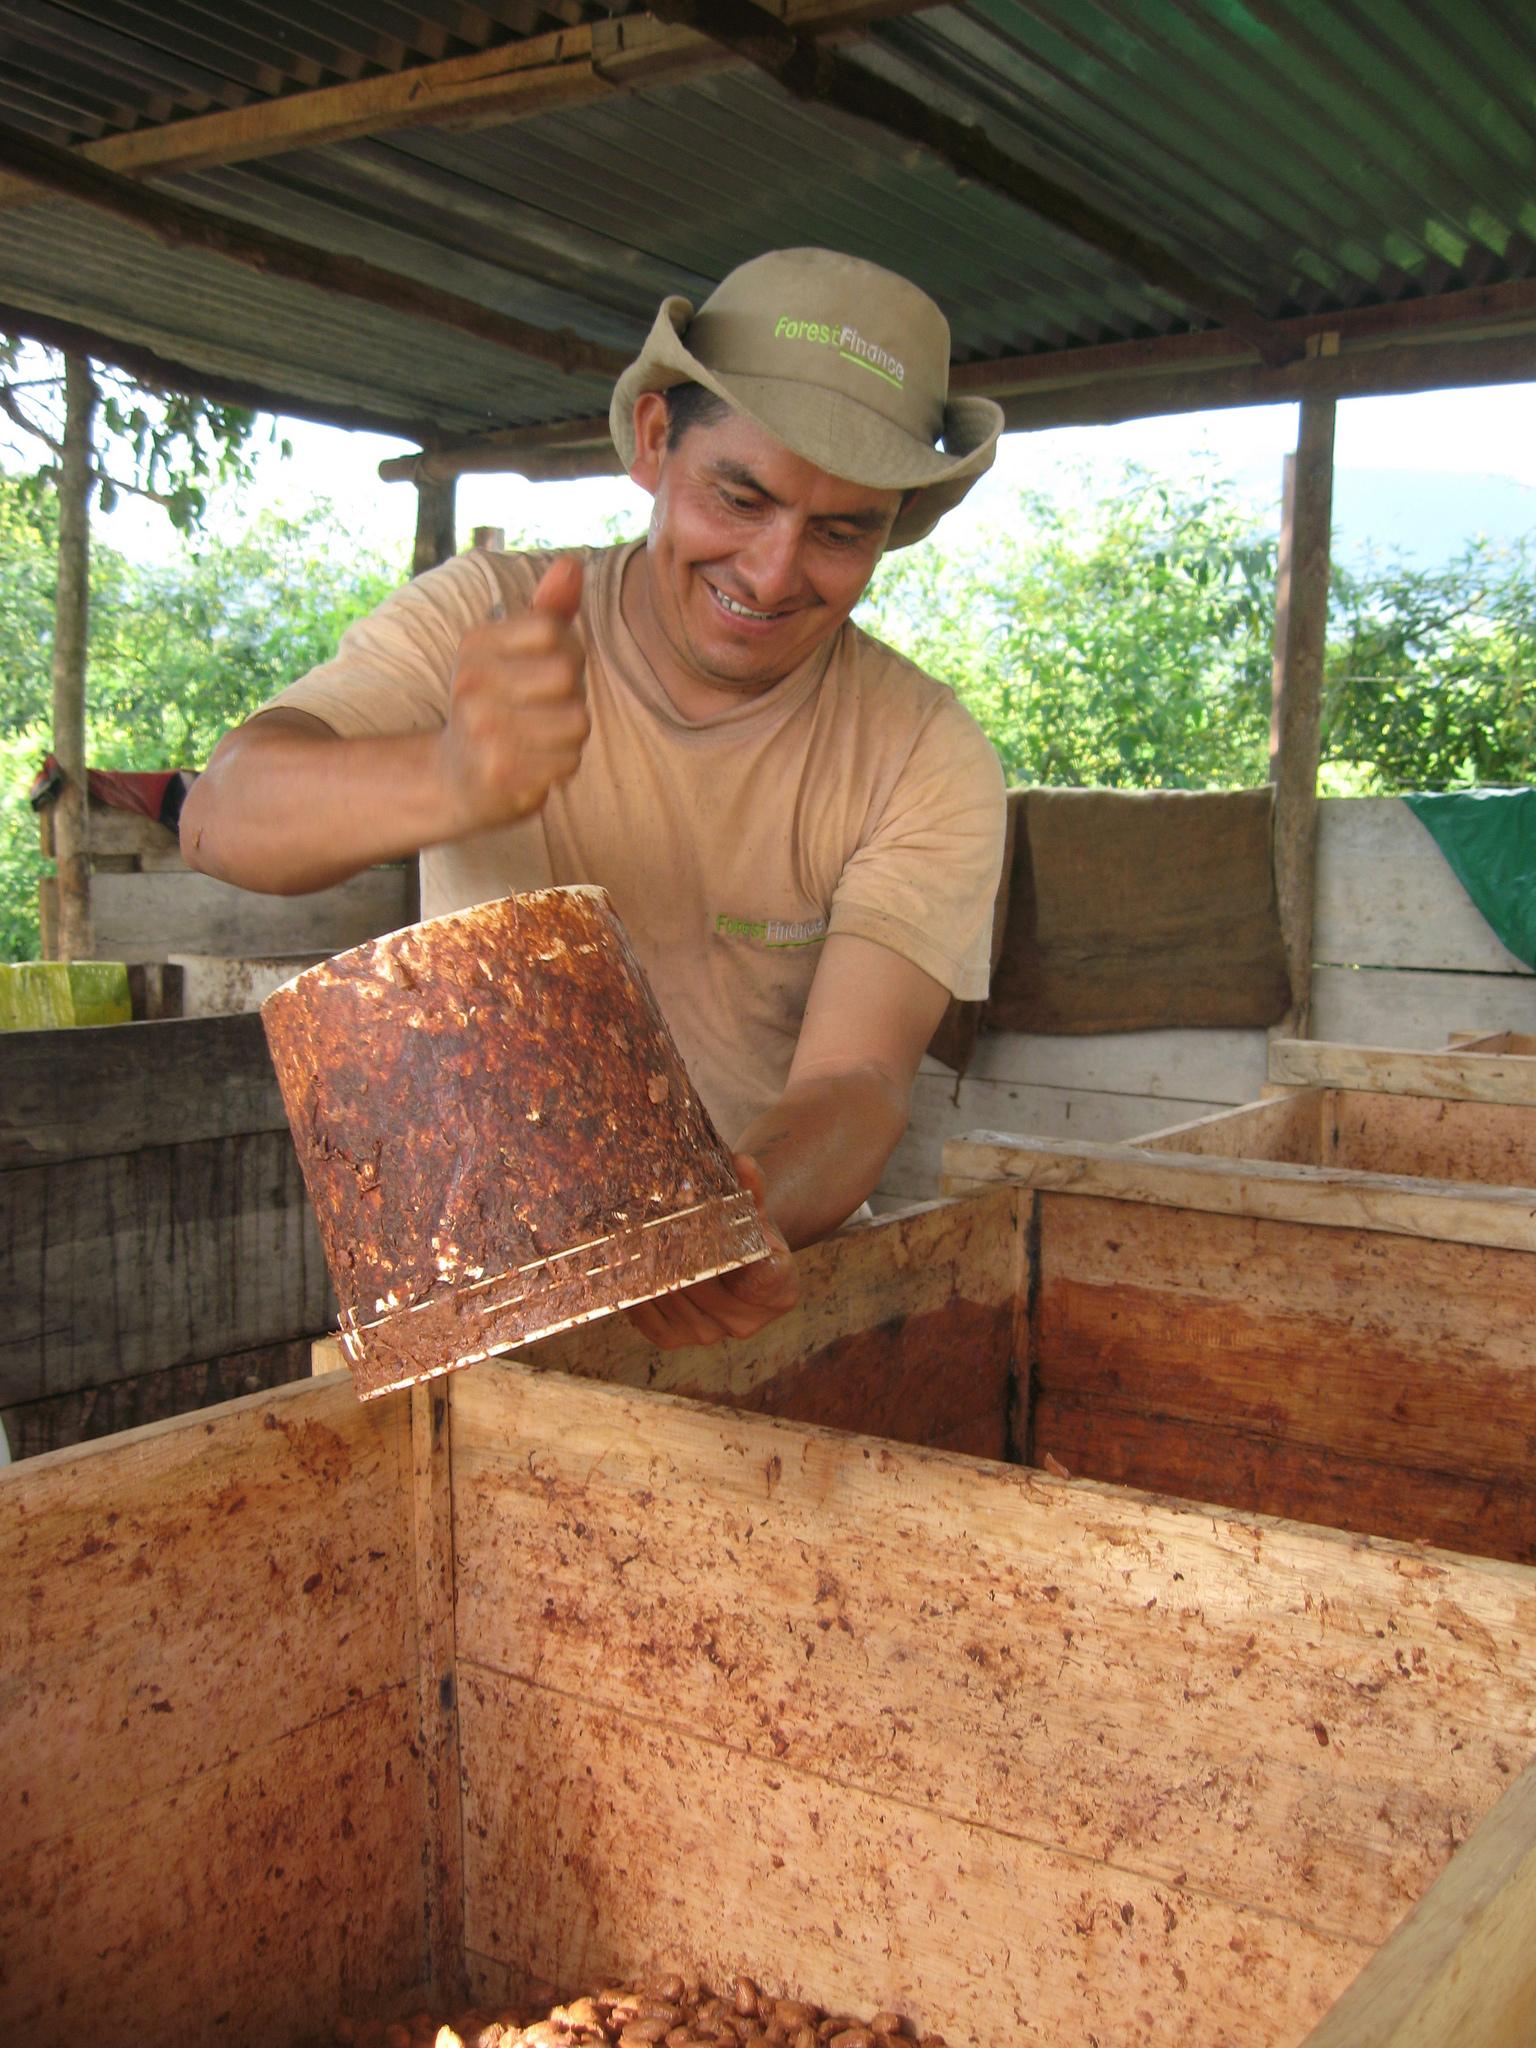 ForestFinance-Mitarbeiter Pedro Mozombite bereitet die Fermentierung der Kakao-Bohnen vor. Foto: ForestFinance